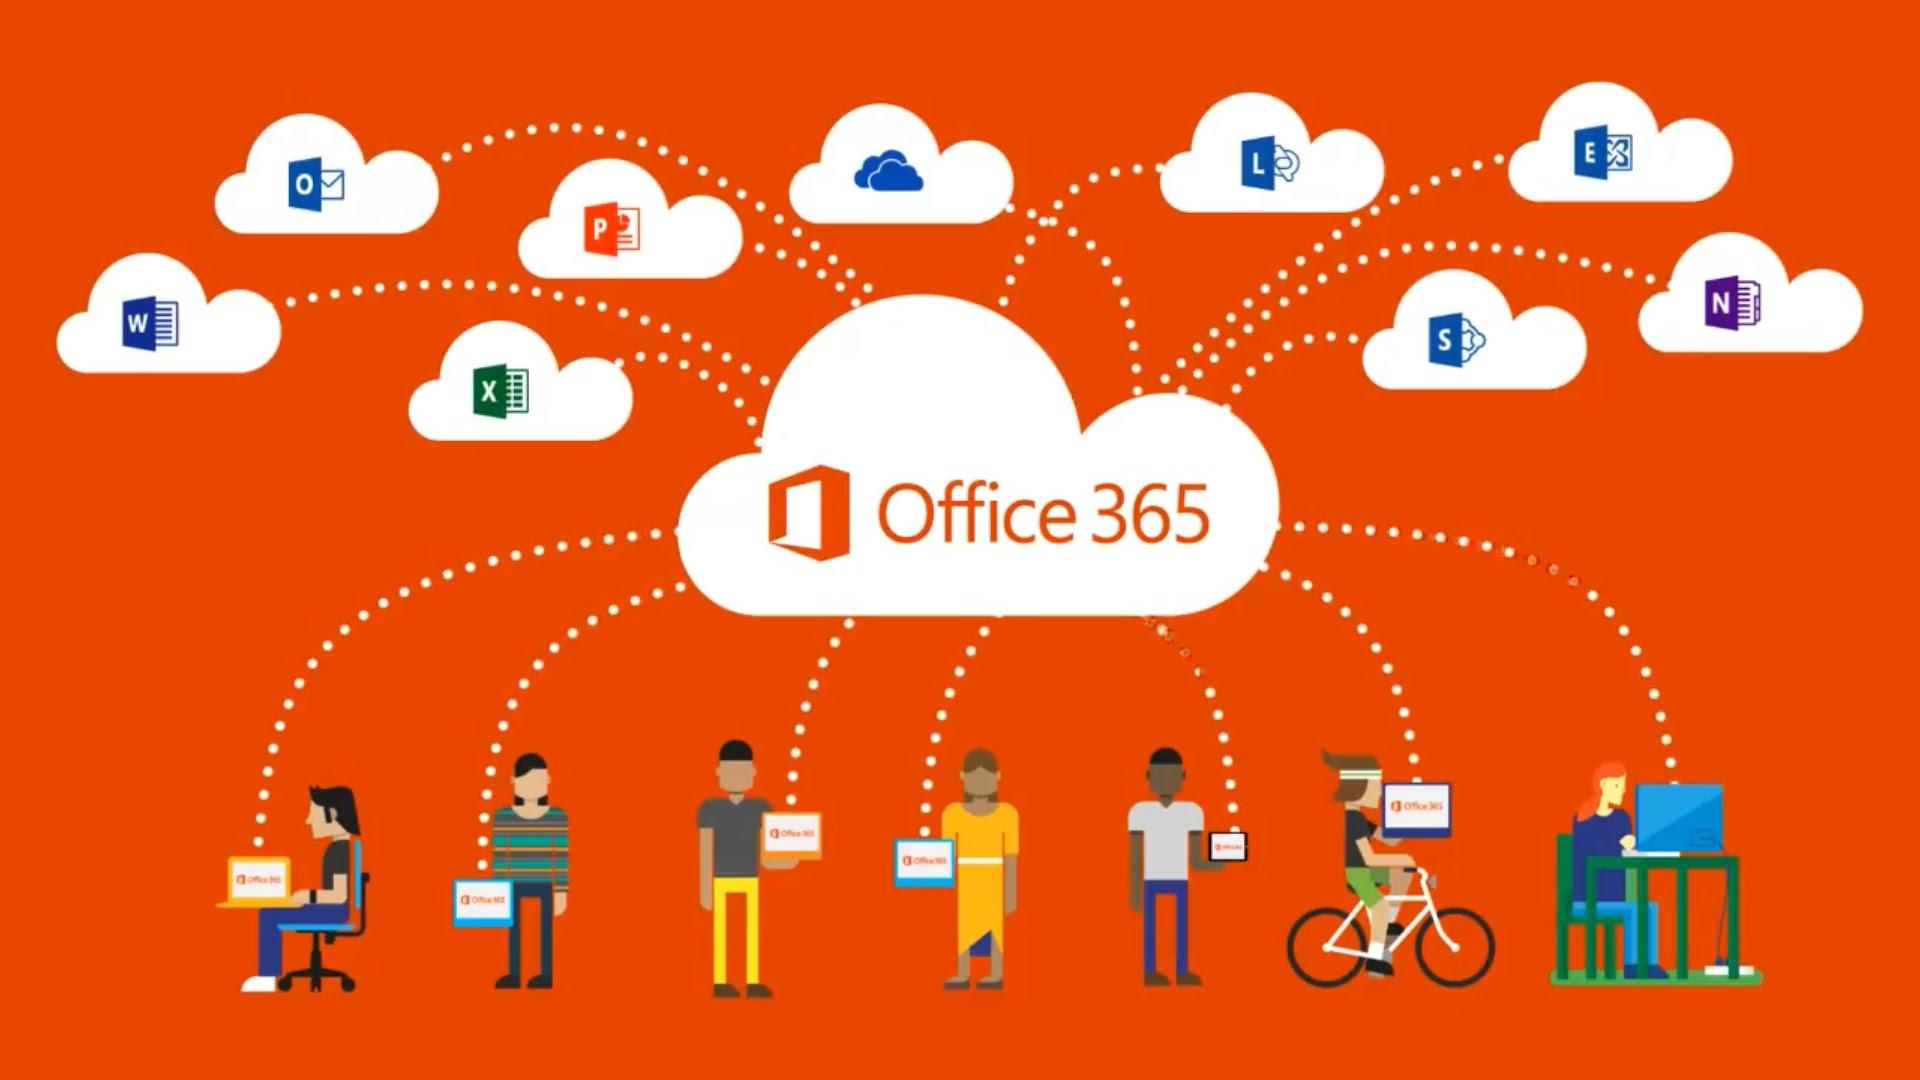 「office 365」的圖片搜尋結果